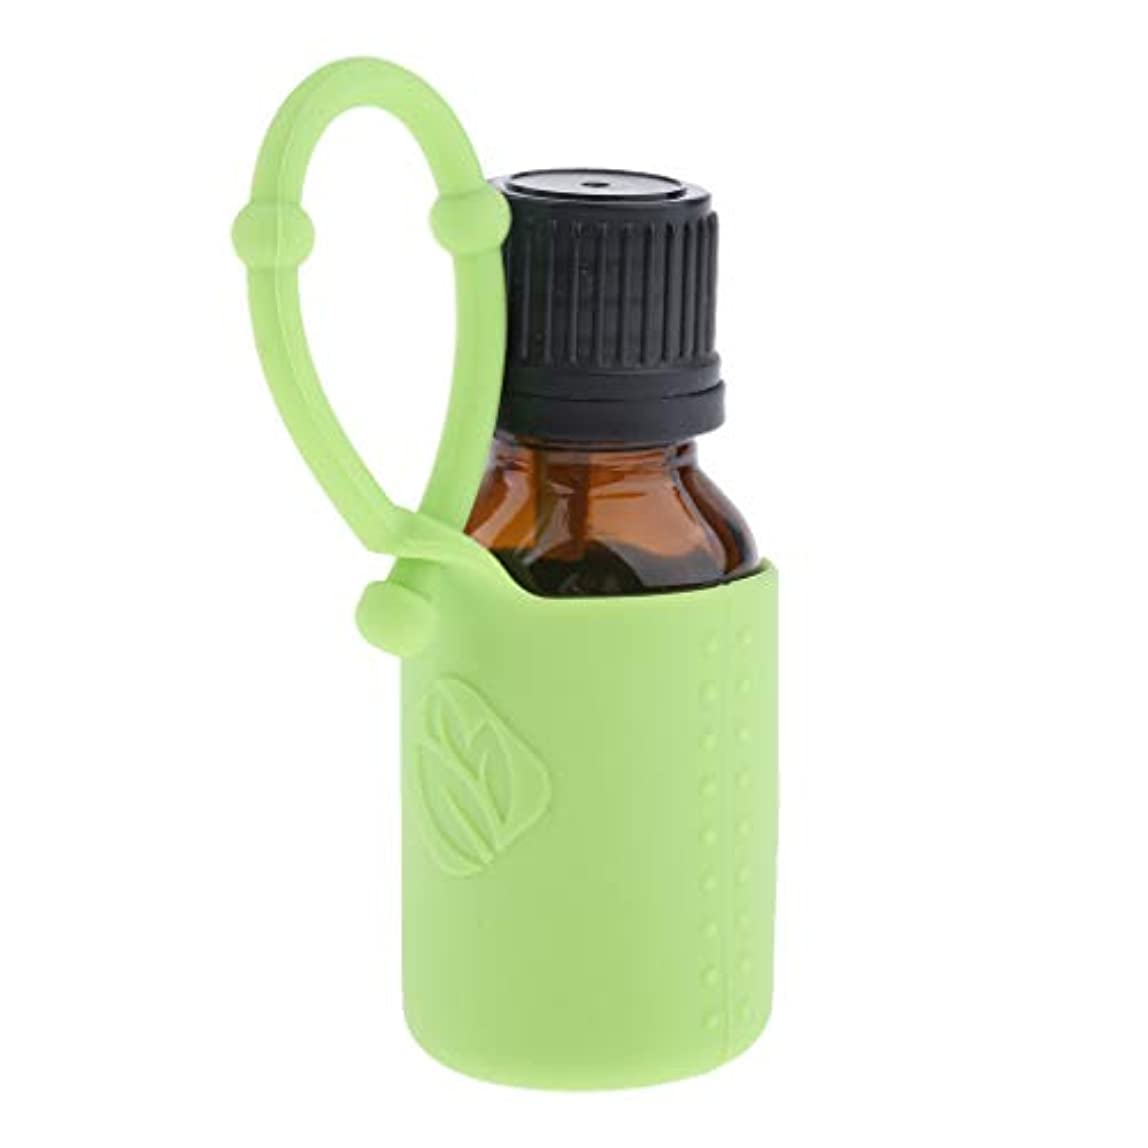 ベギン放射能難破船アロマ保存容器 香水瓶 空ボトル 詰替え容器 シリコンカバー 旅行用品 6色選ぶ 15ミリリットル - 緑, 説明したように